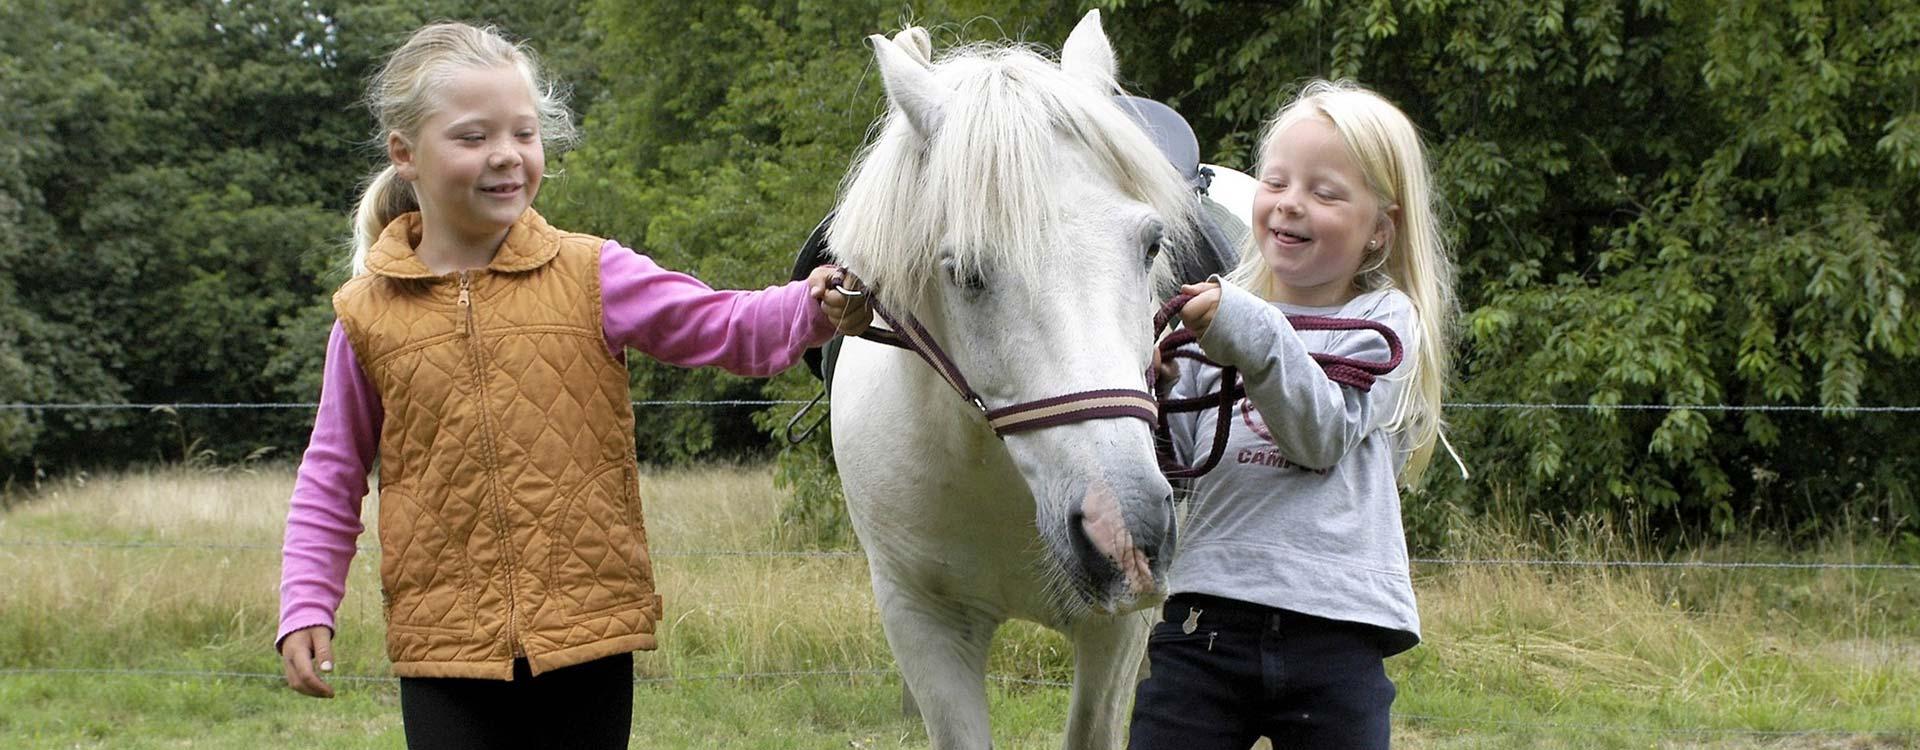 camping-de-vledders-pony-rijden